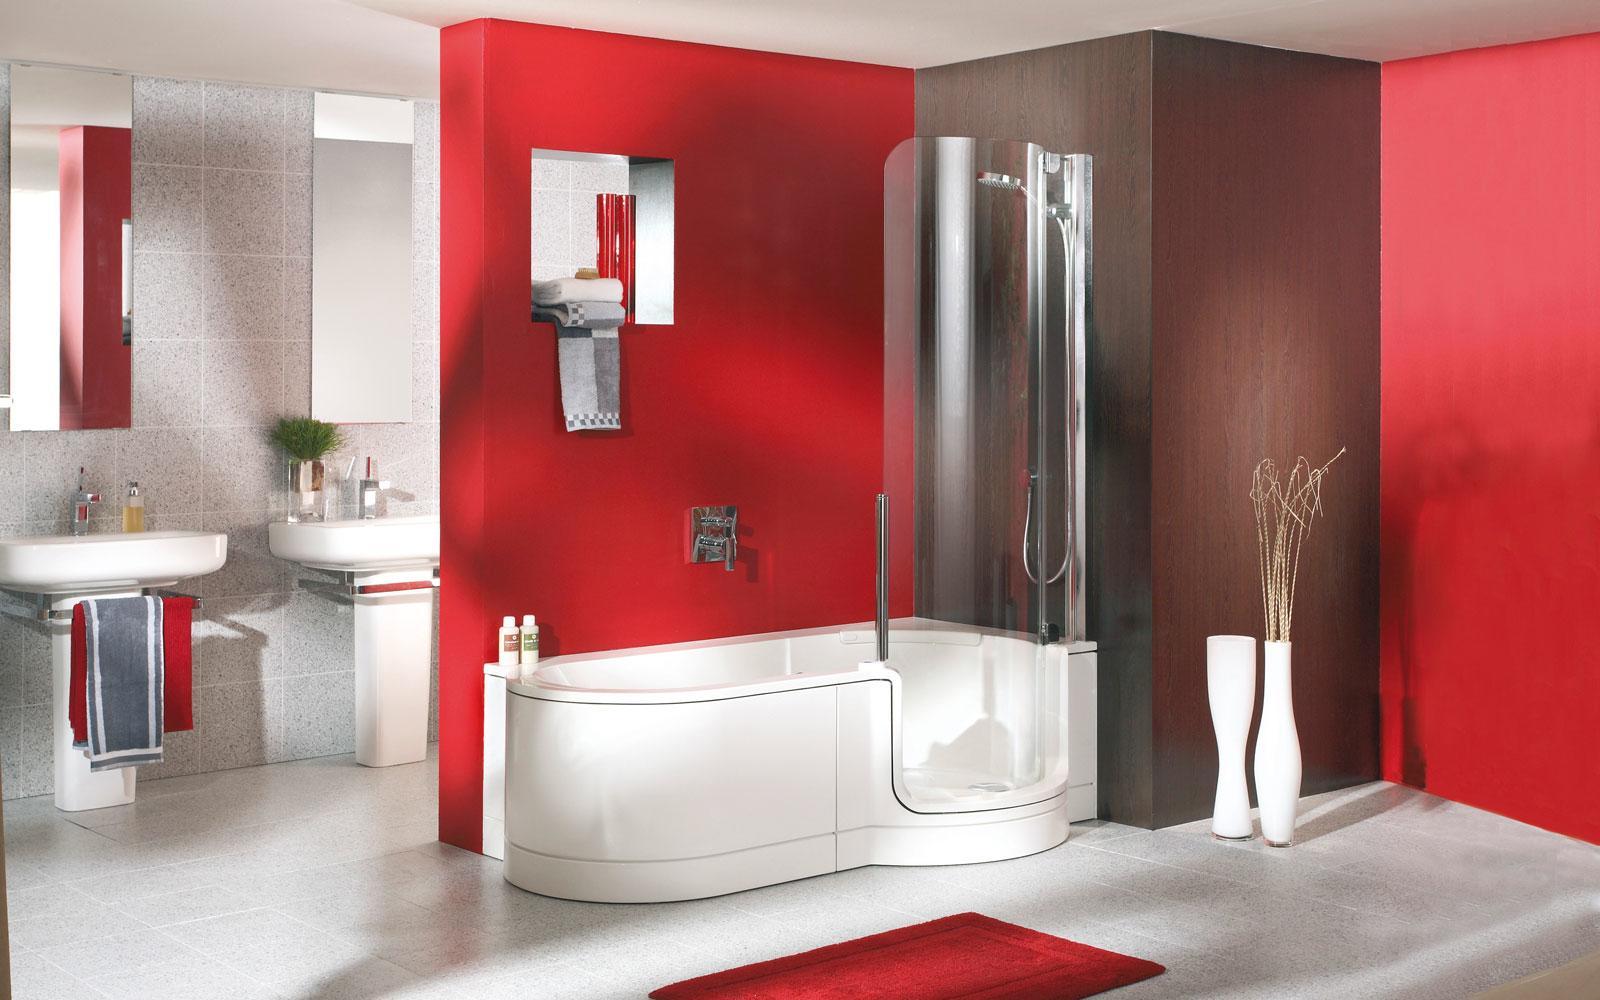 Duschbadewanne Mit Einstieg Seitz Braun Bad Heizung Kundendienst